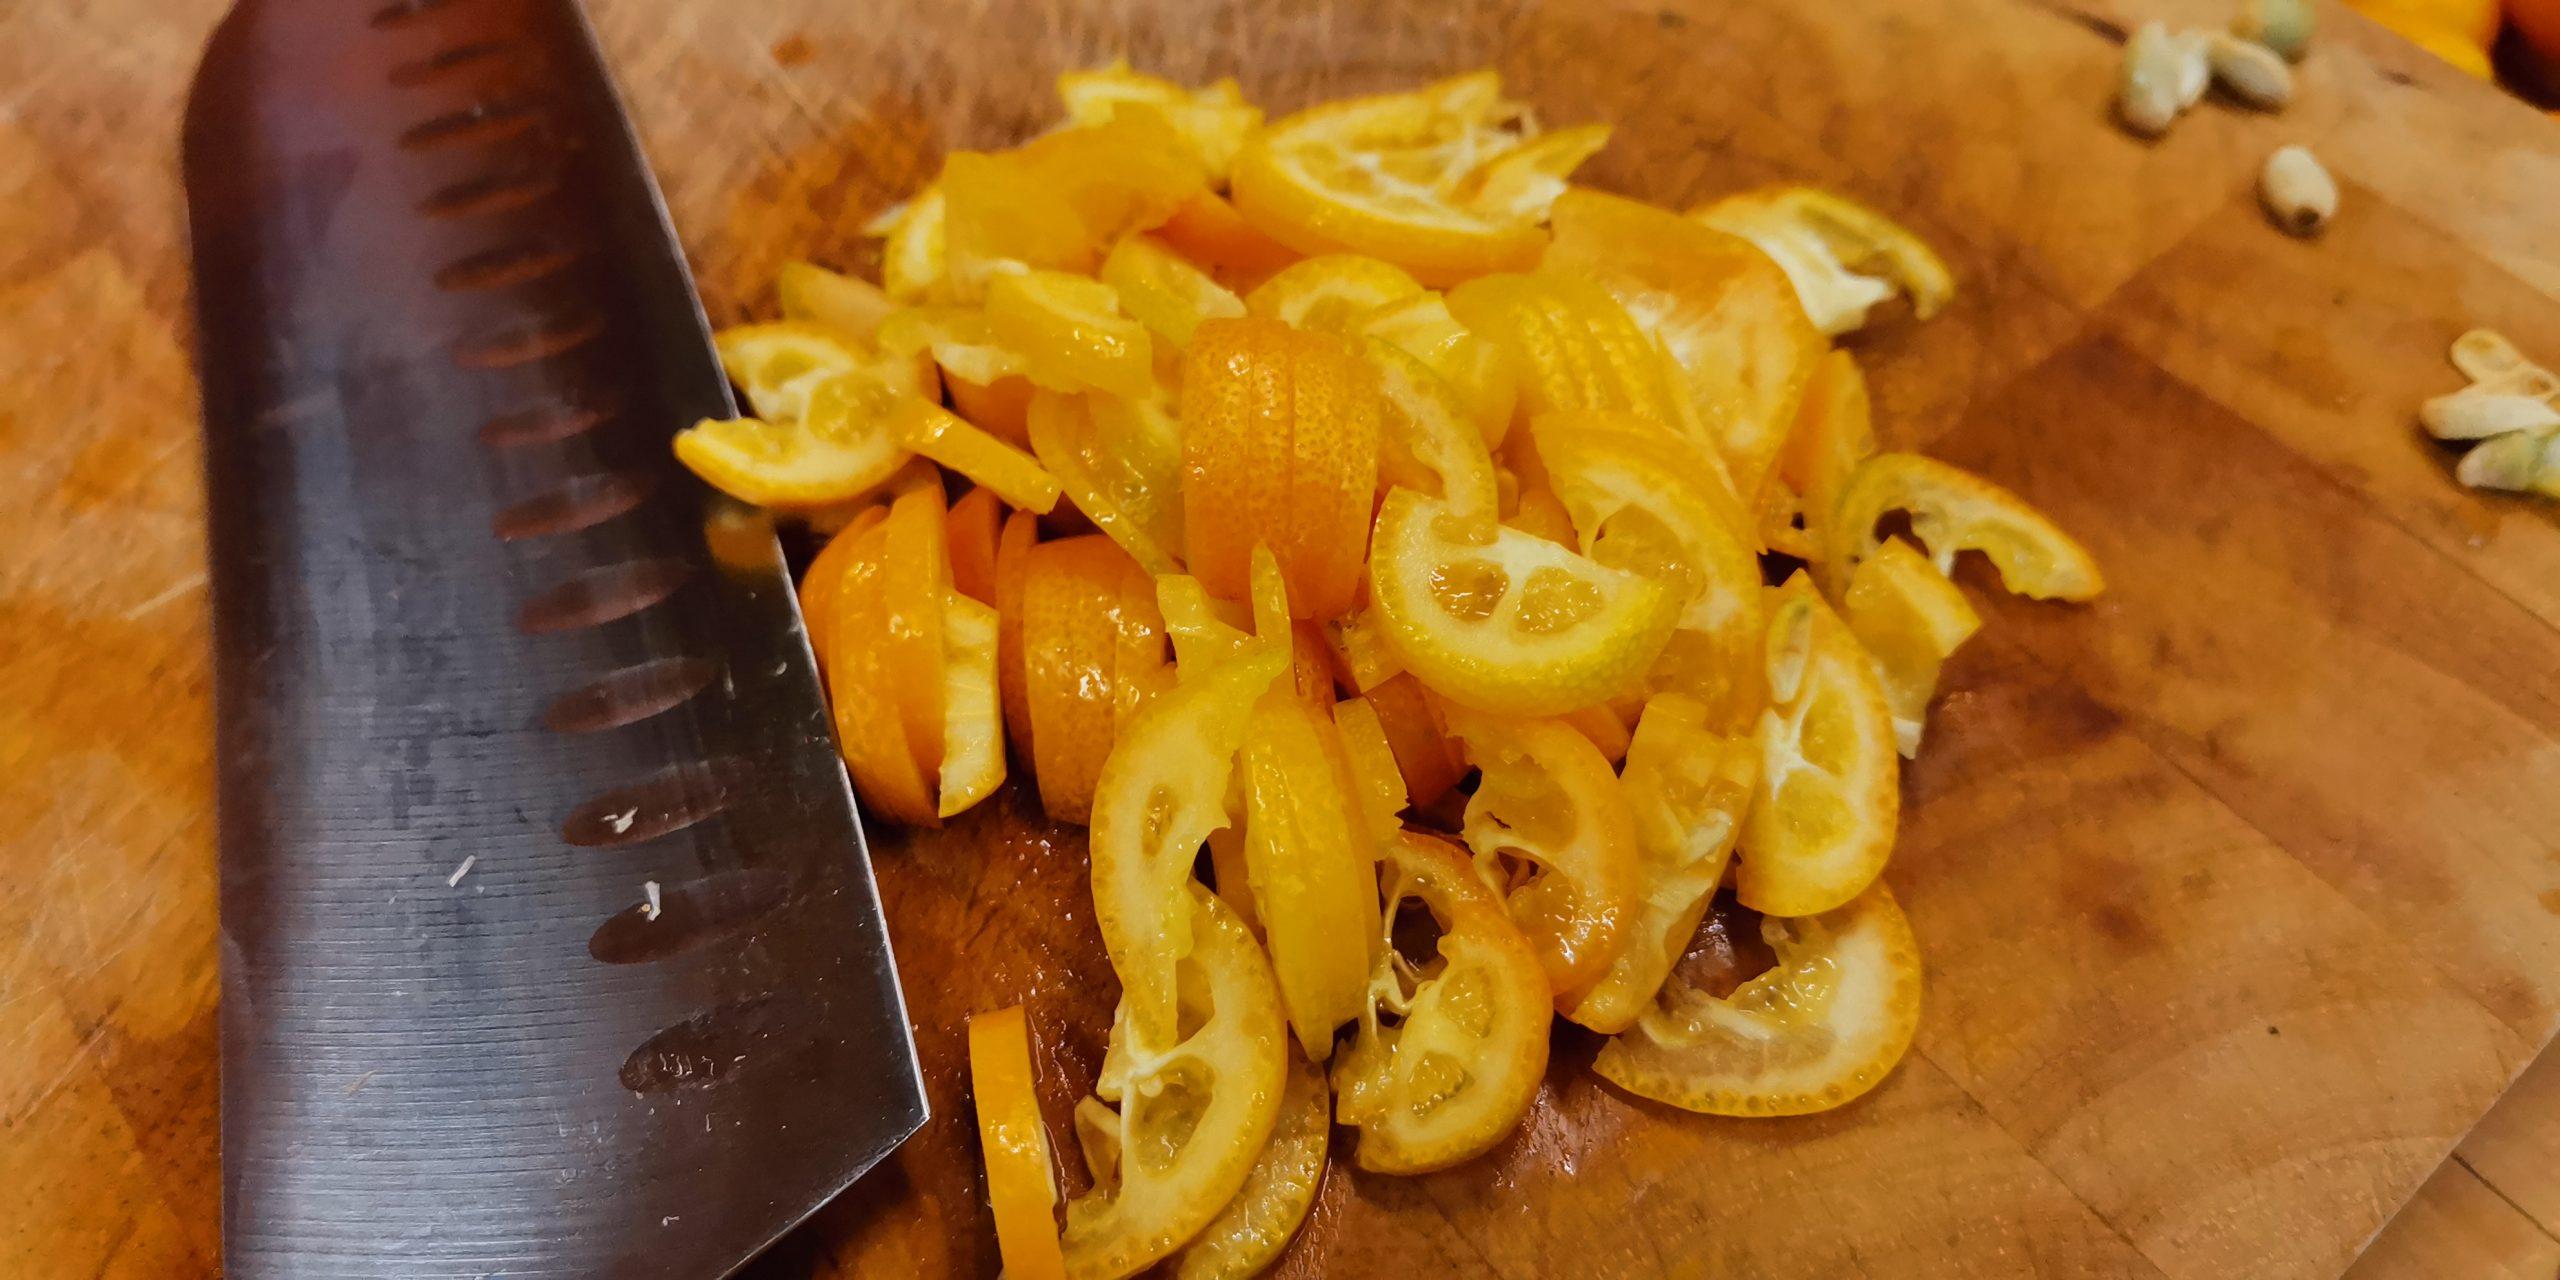 Marmelade aus Kumquat und Bergamotte-Zitronen